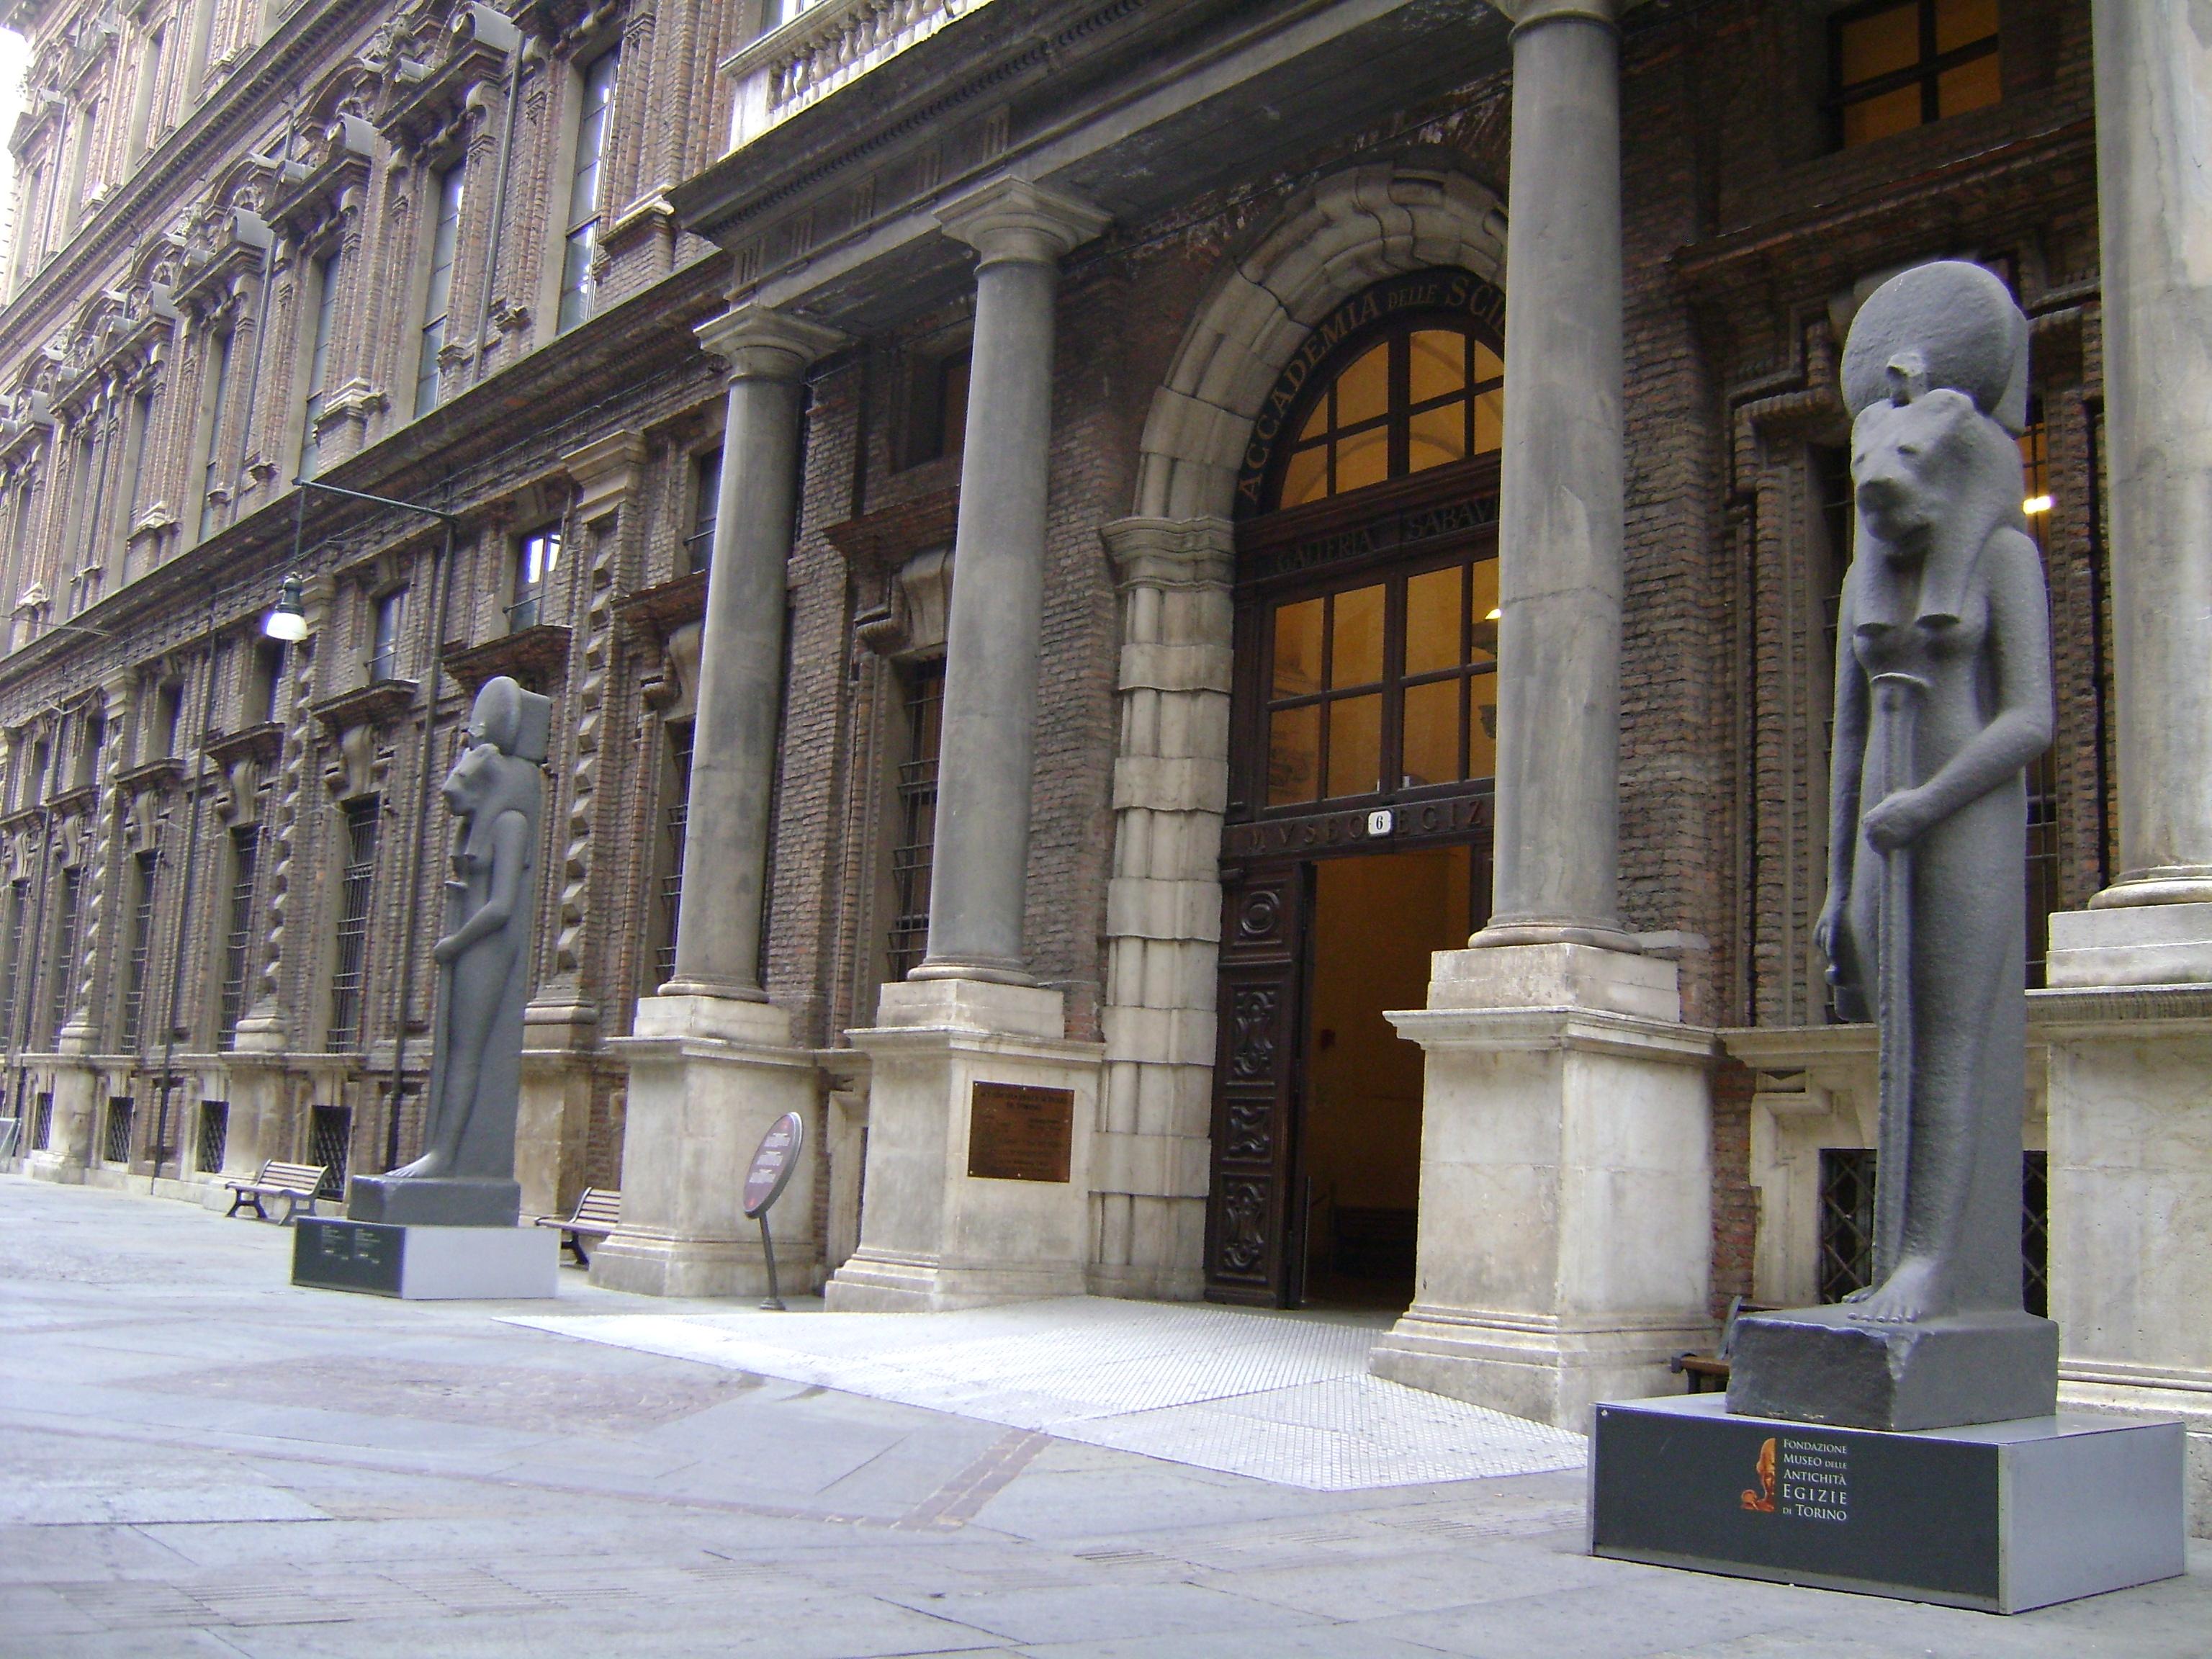 Musei aperti a Ferragosto a Torino: tanti i musei aperti in città il 15 agosto